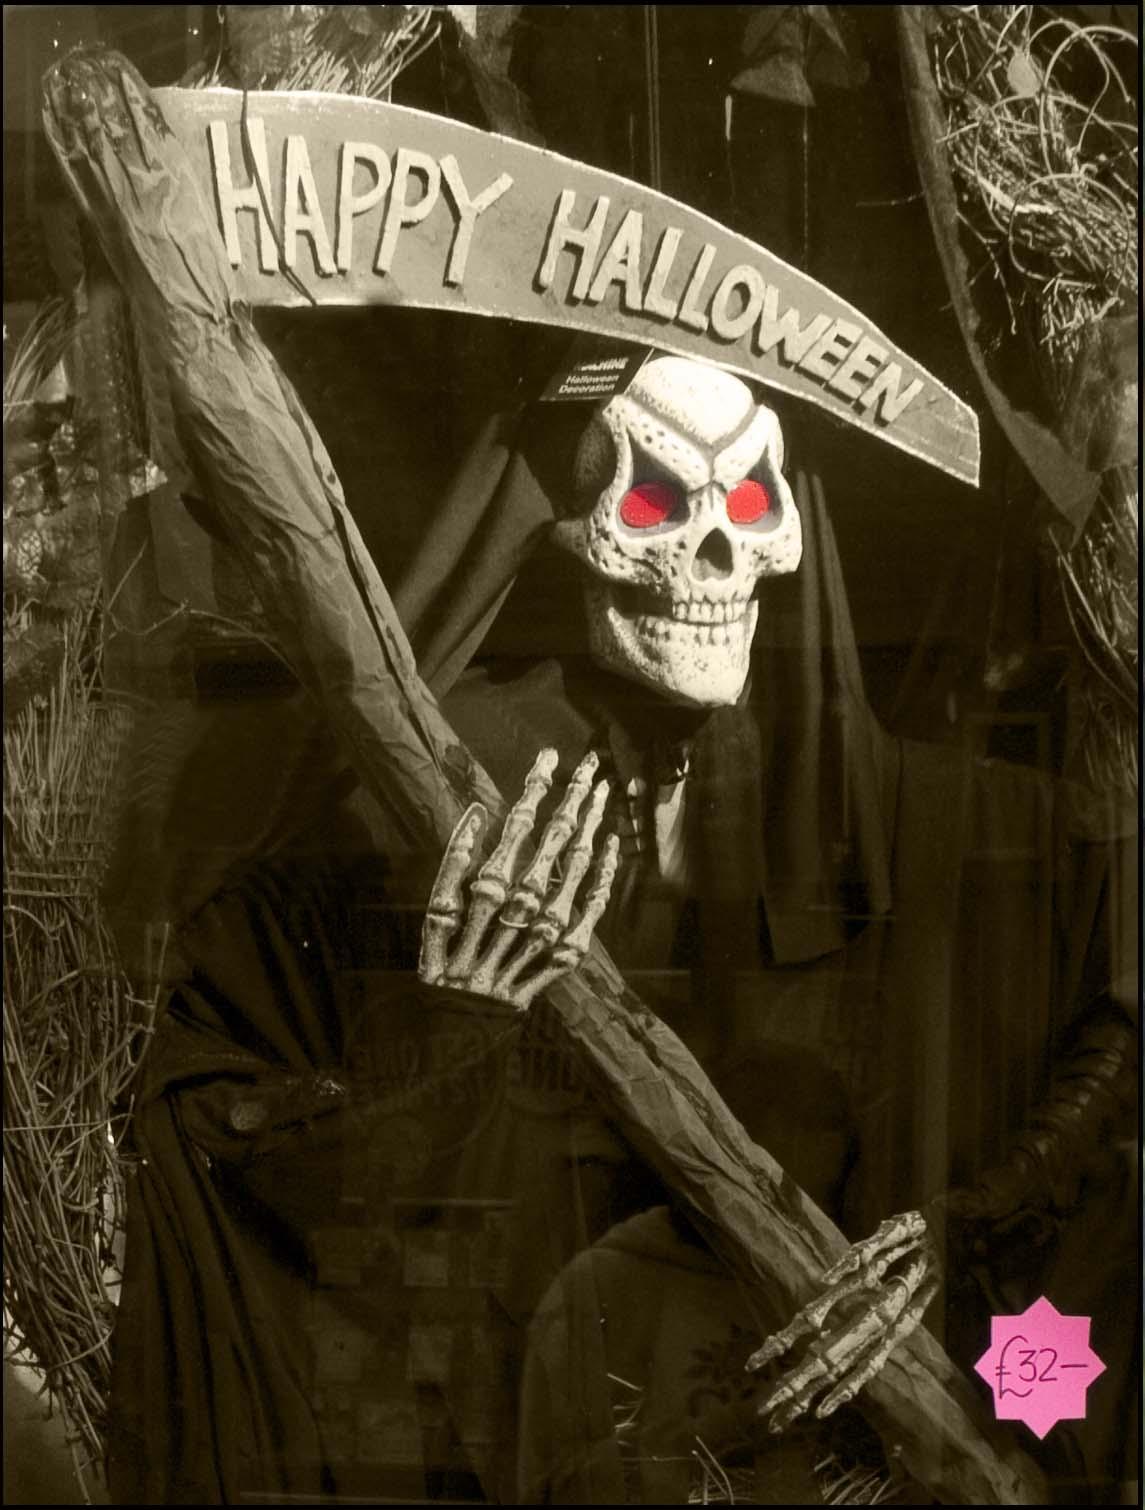 grim,reaper,happy,halloween,fancy,dress,shop,witton,st,street,cheshire,UK,England,ghoul,ghoulish,bargain,skull,day,dead,witton street,face,head,faces,365days,this photo rocks,hotpix!,tony smith photography,tdktony,tdk,tony,tdktonysmith